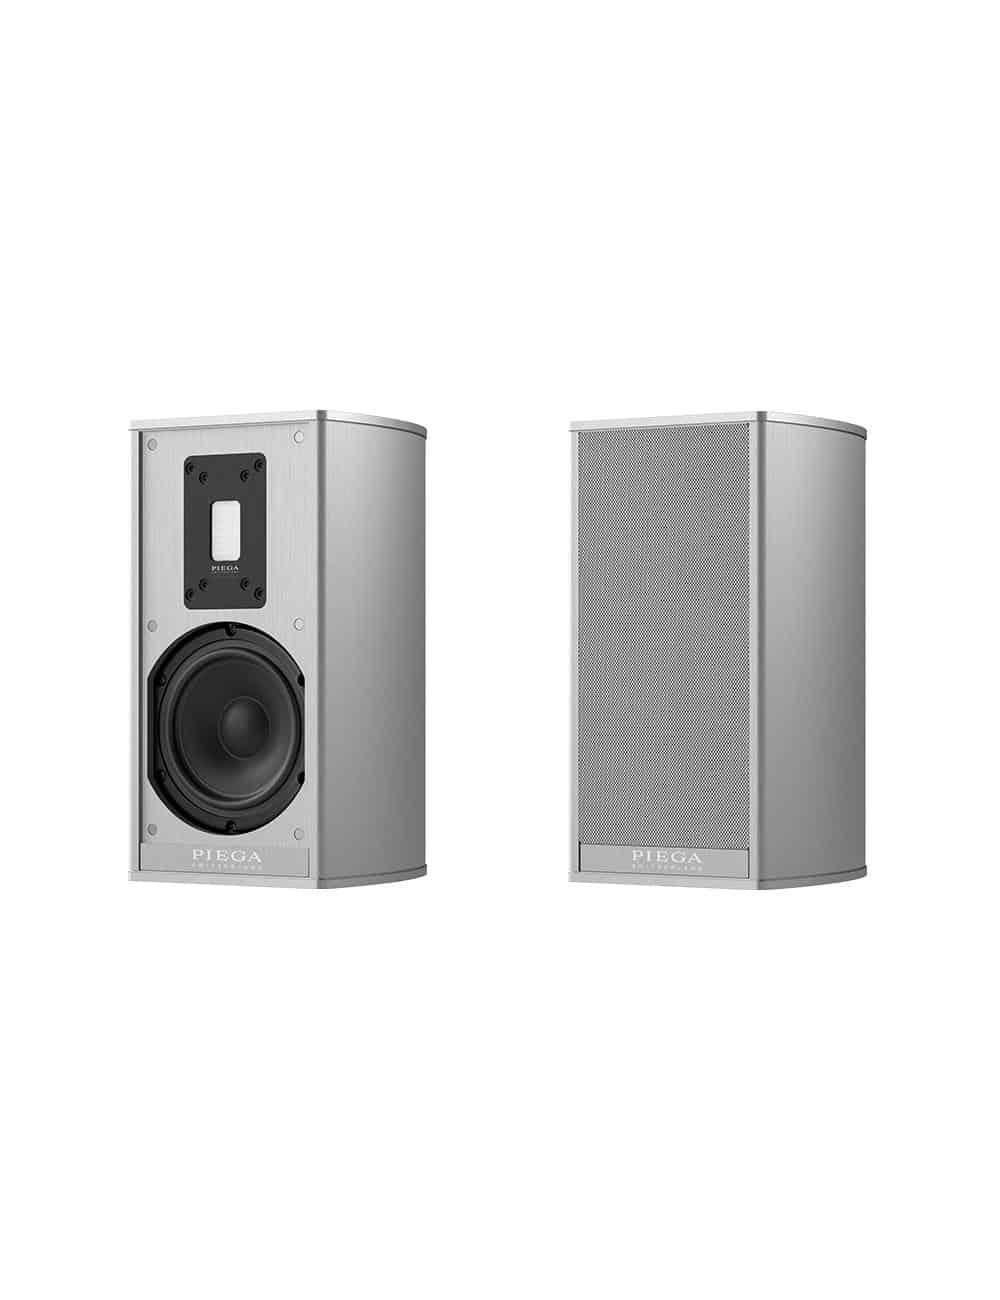 diffusori acustici amplificati wireless HiFi, Piega Premium Wireless 301, finitura aluminium silver